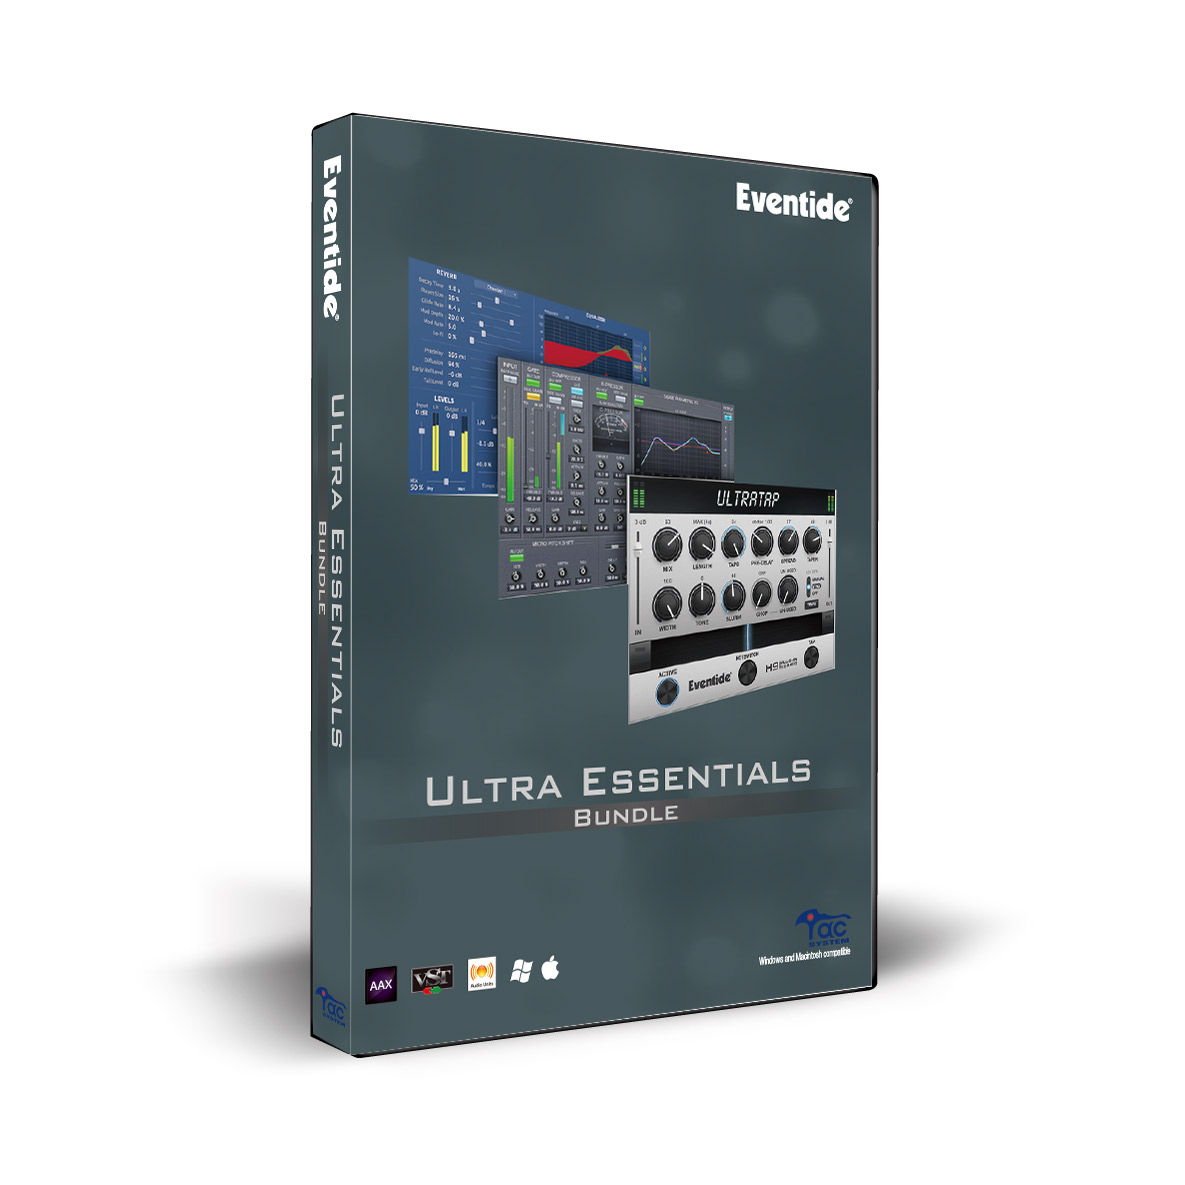 Eventide Ultra Essentials Bundle 【イーブンタイド】[メール納品 代引き不可]